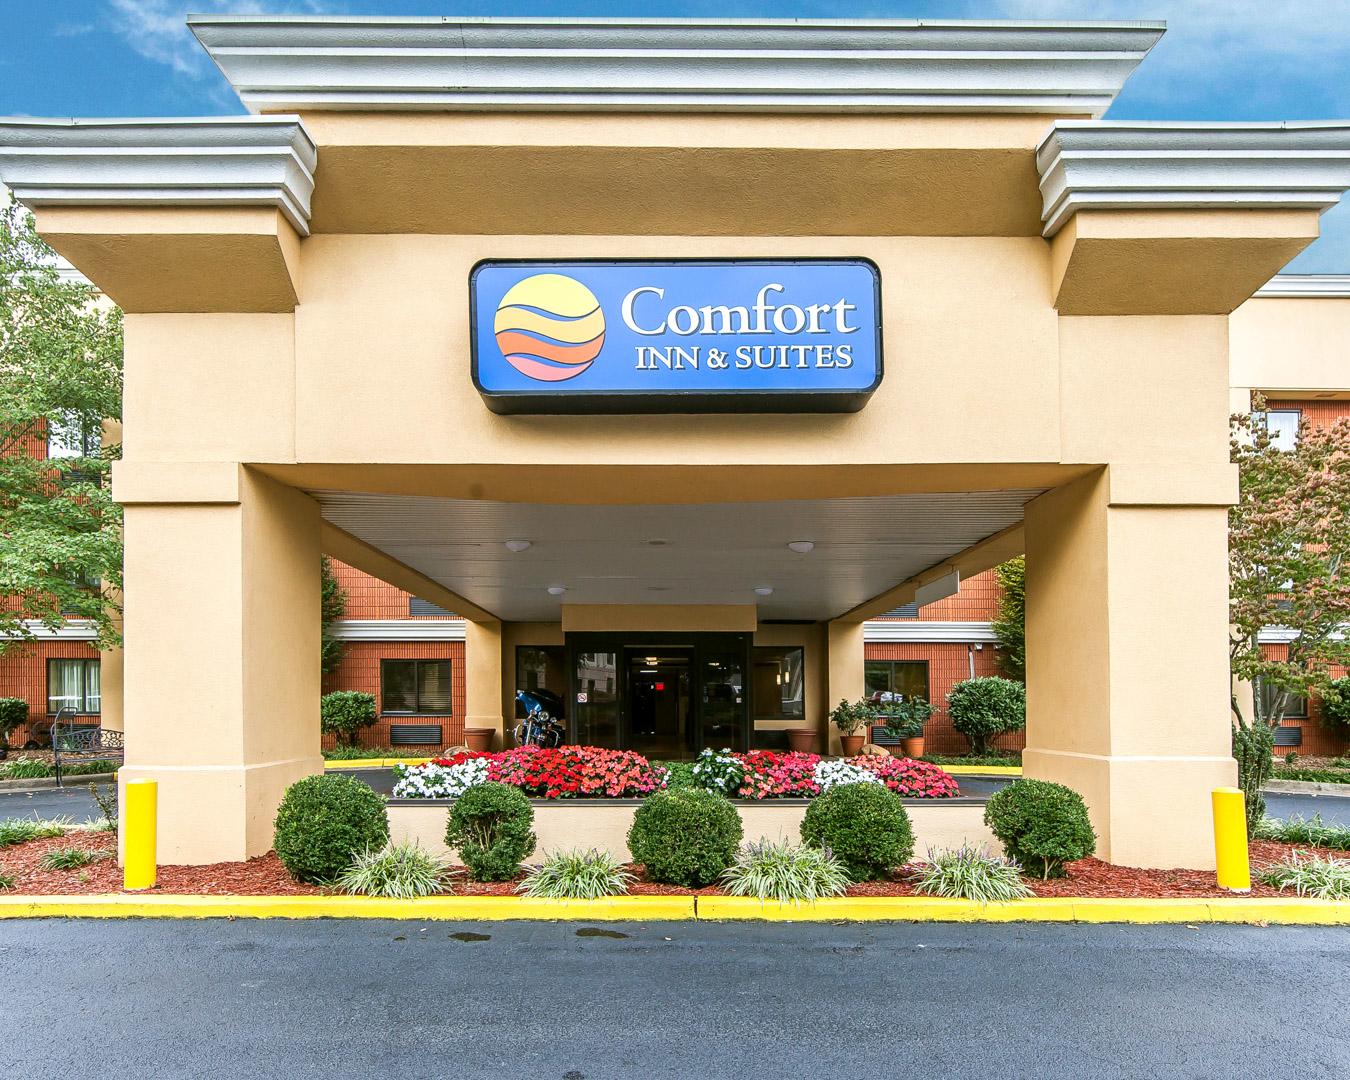 comfort inn suites cleveland tn company information. Black Bedroom Furniture Sets. Home Design Ideas